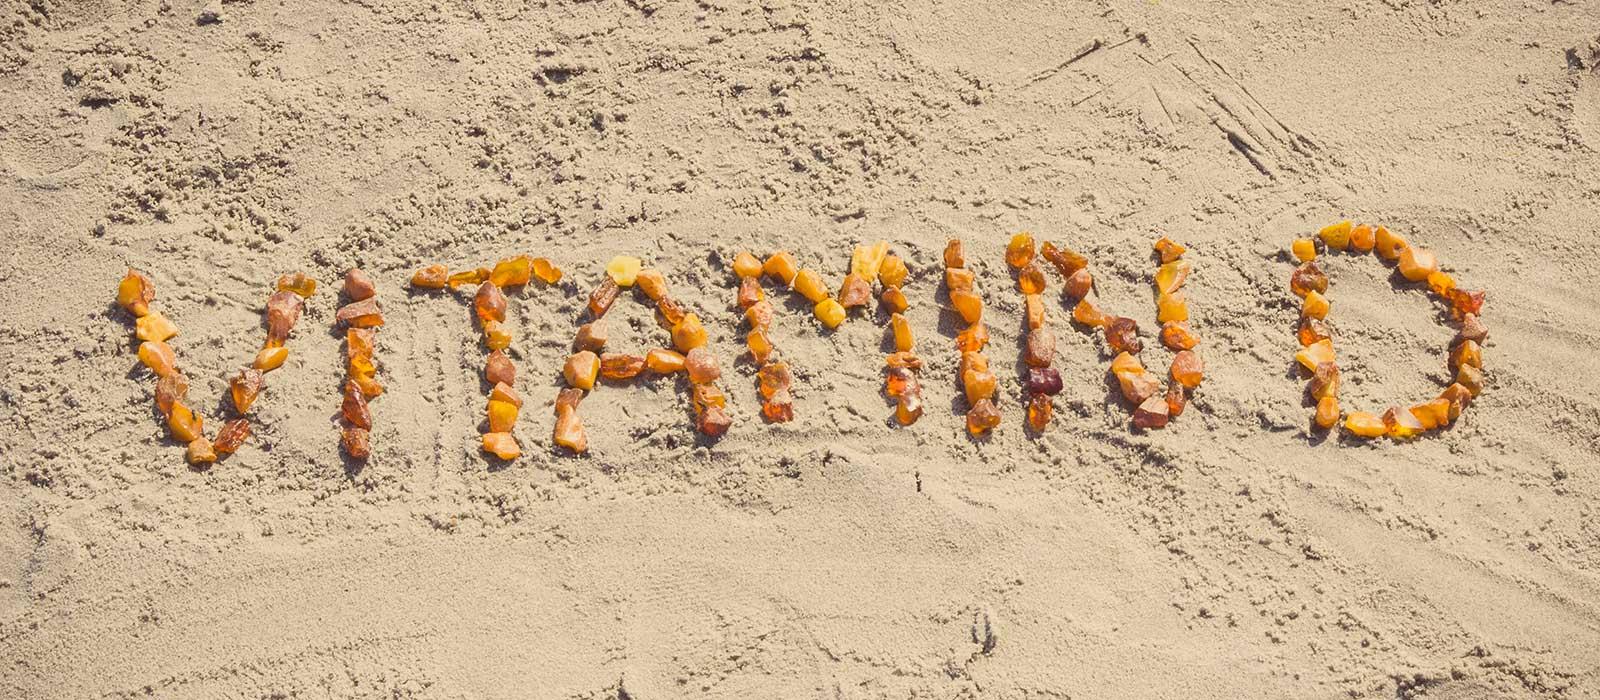 Symbolbild Vitamin D: zeigt den Text Vitamin D mit steinen im Sand